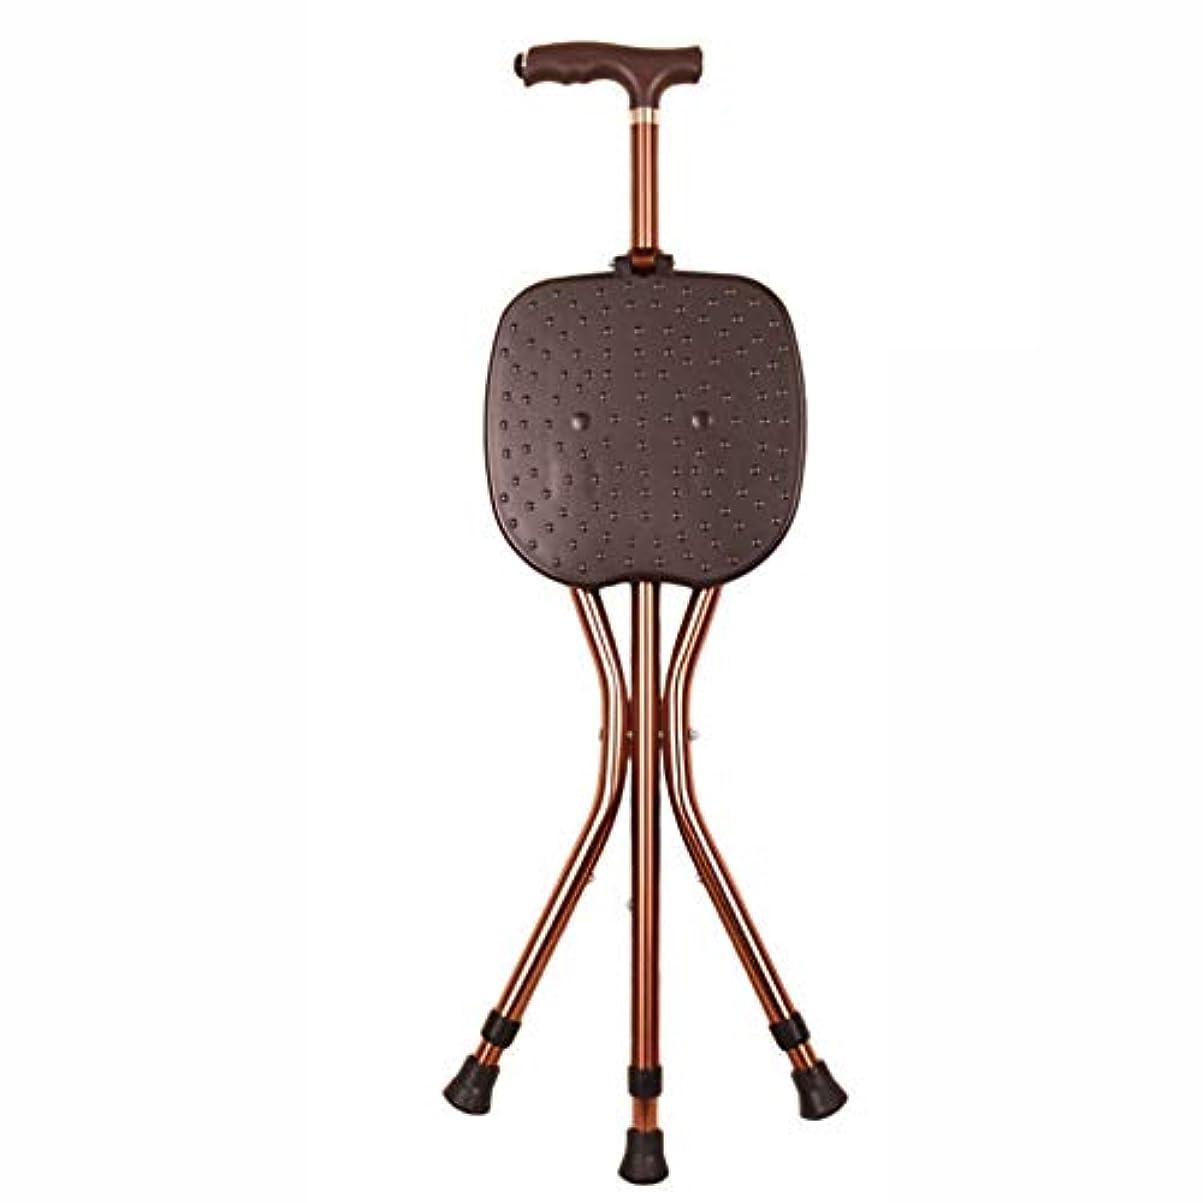 語ビジュアル衝突するDSHUJC松葉杖椅子5速調節可能なLEDライトマッサージ座っているボード三角形のサポートデザイン高齢者向けに設計された、軽く